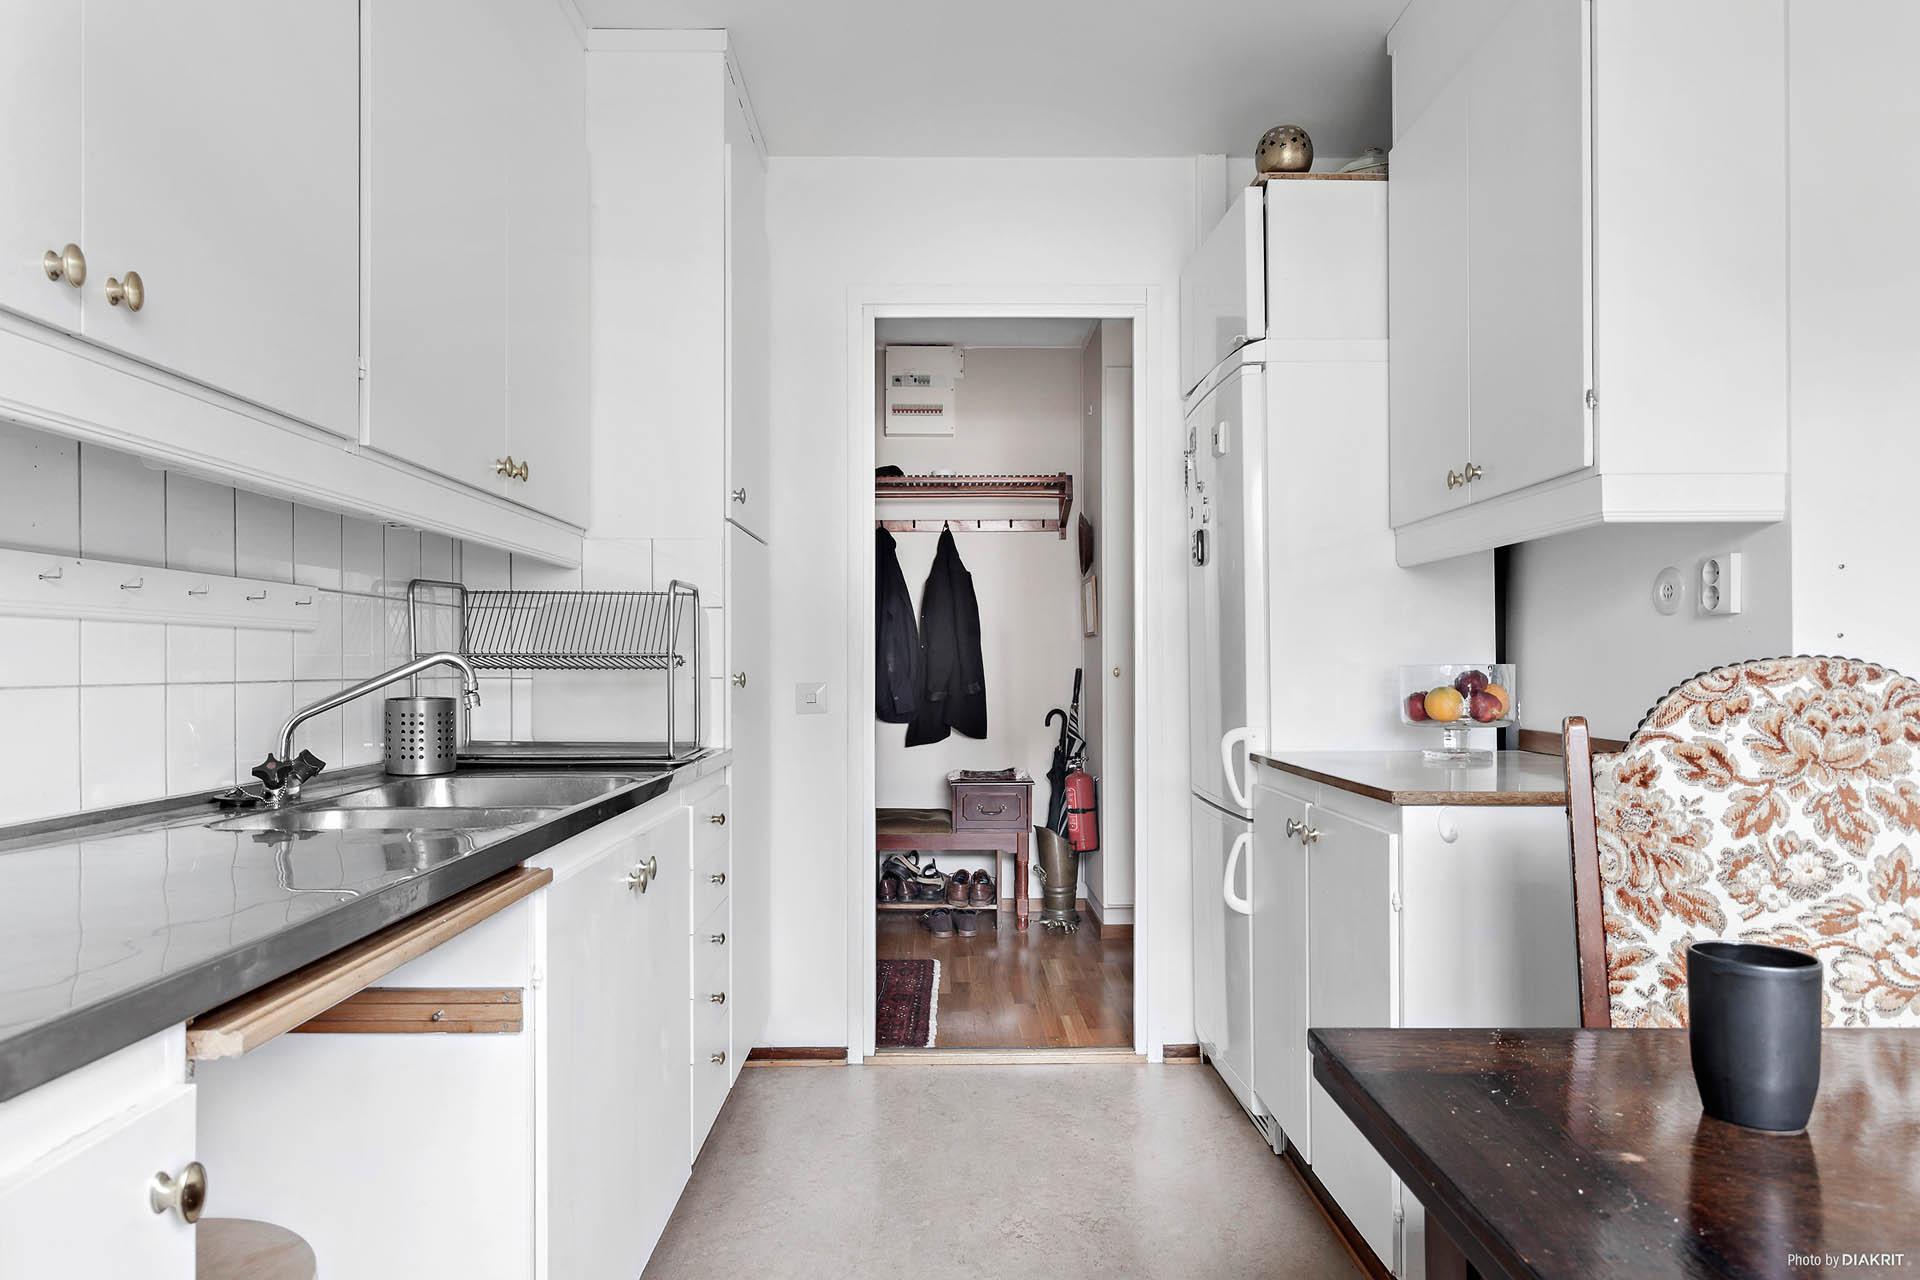 Ljust & vitt kök med gott om skåpluckor och plats för större matbord.